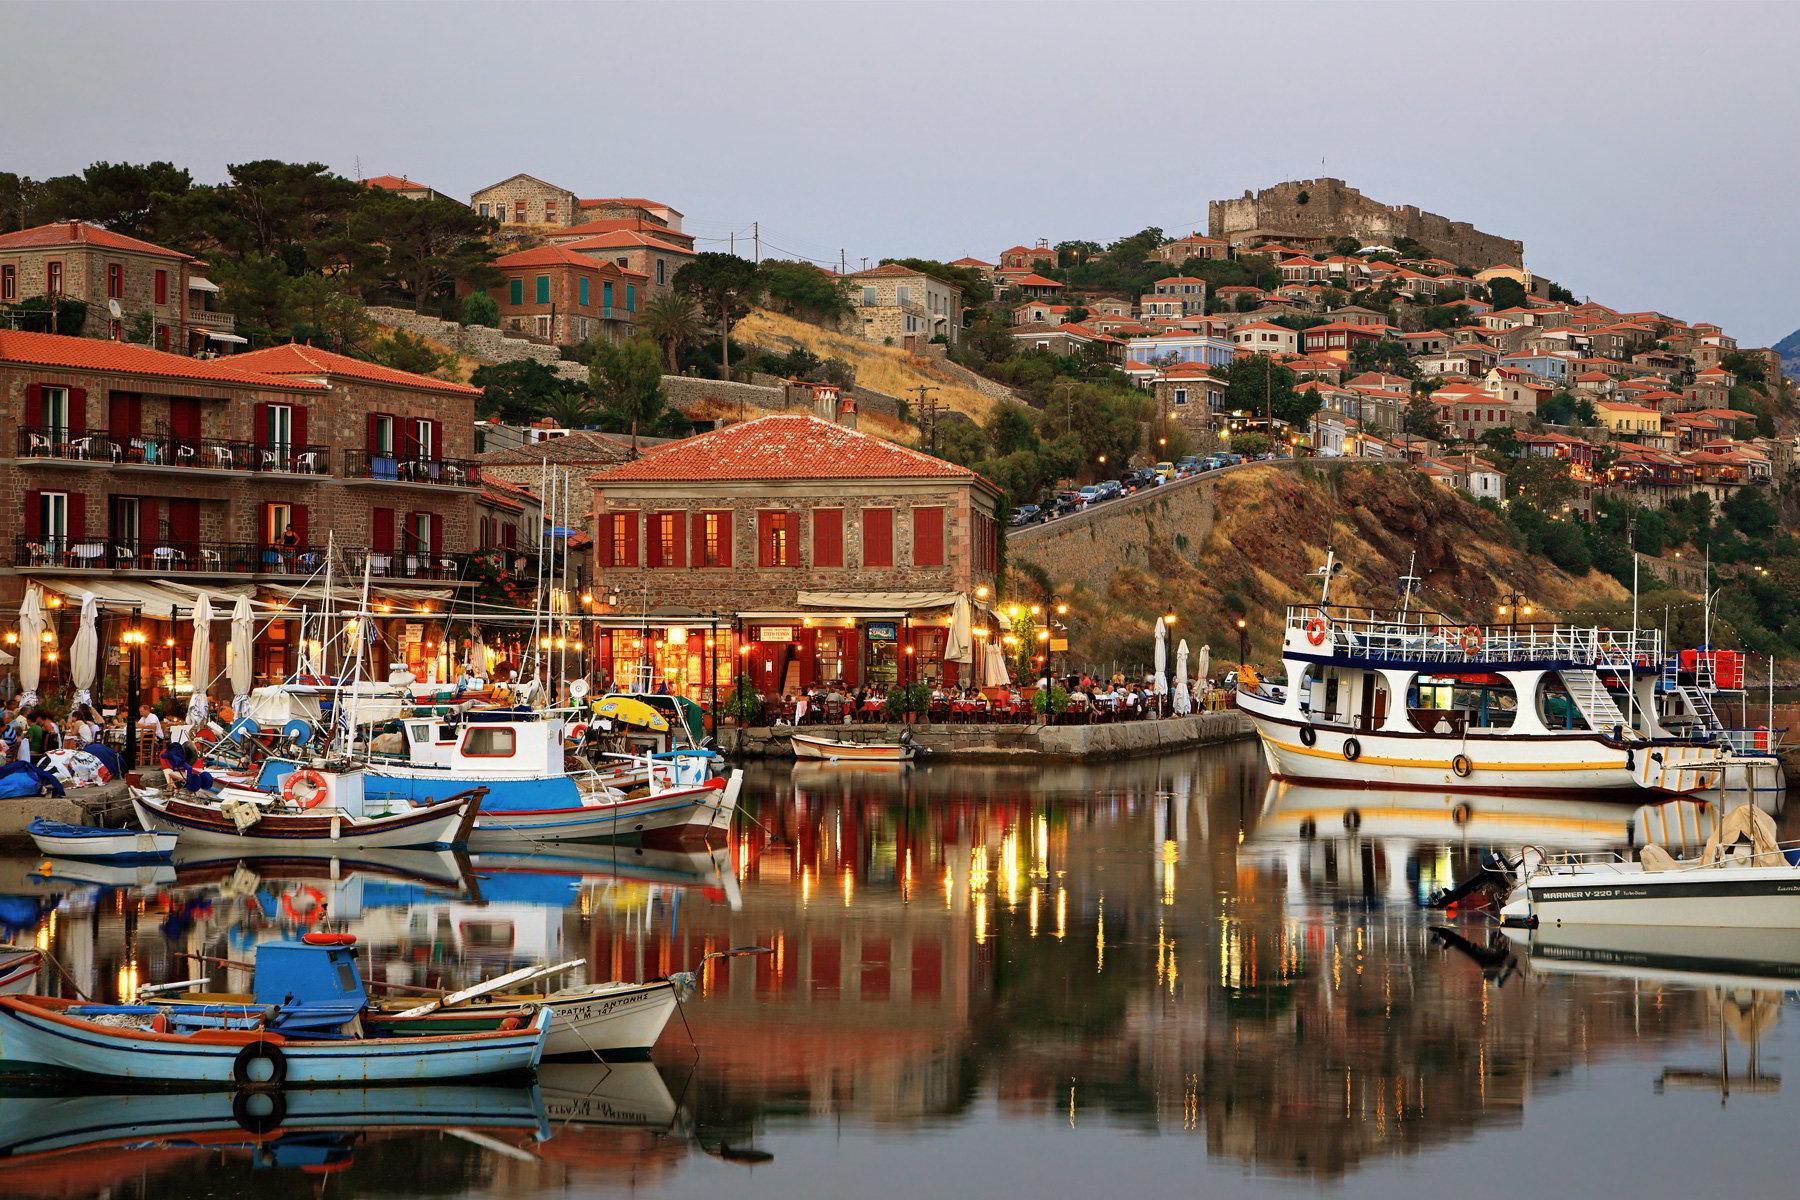 希腊浪漫之旅——米蒂利尼